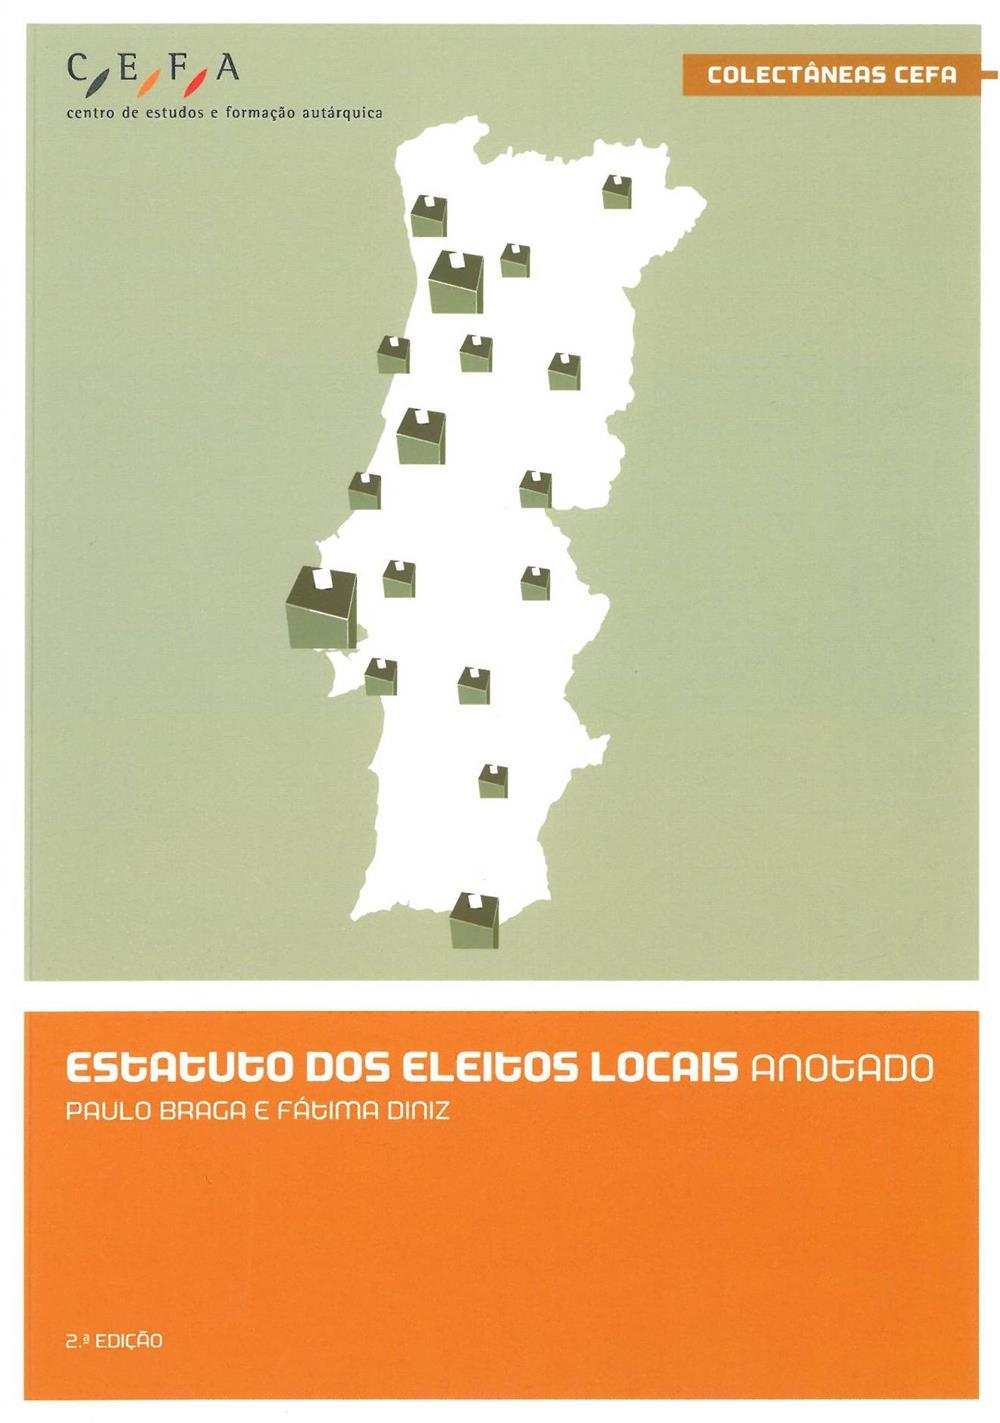 Estatuto dos eleitos locais_.jpg